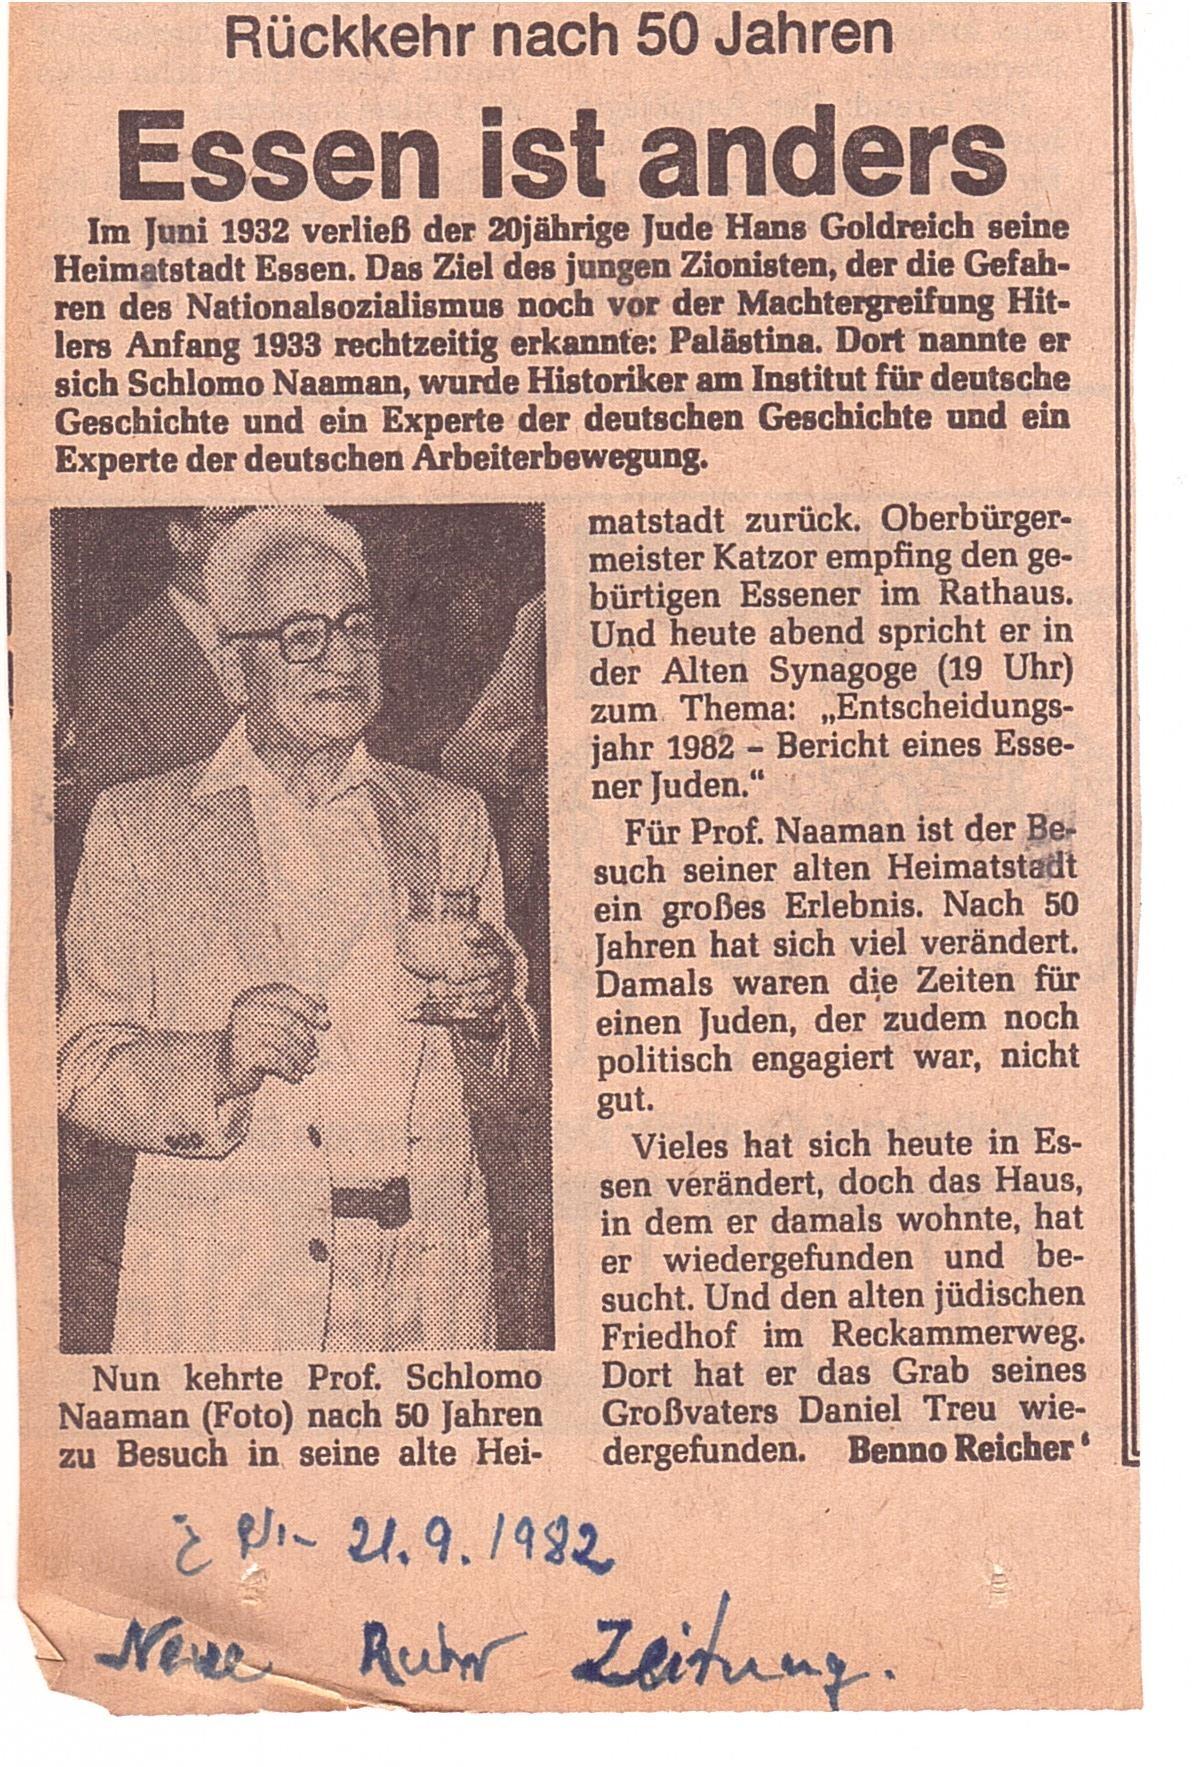 """""""נוייה רוהר צייטונג, 21.9.82-אסן היא אחרת"""": גזיר עיתונות מהארכיון המשפחתי המתאר את חזרתו של אביה של מיכל נאמן לעיר אסן בשנת 1982, כאשר קיבל אזרחות כבוד ונתן הרצאה."""